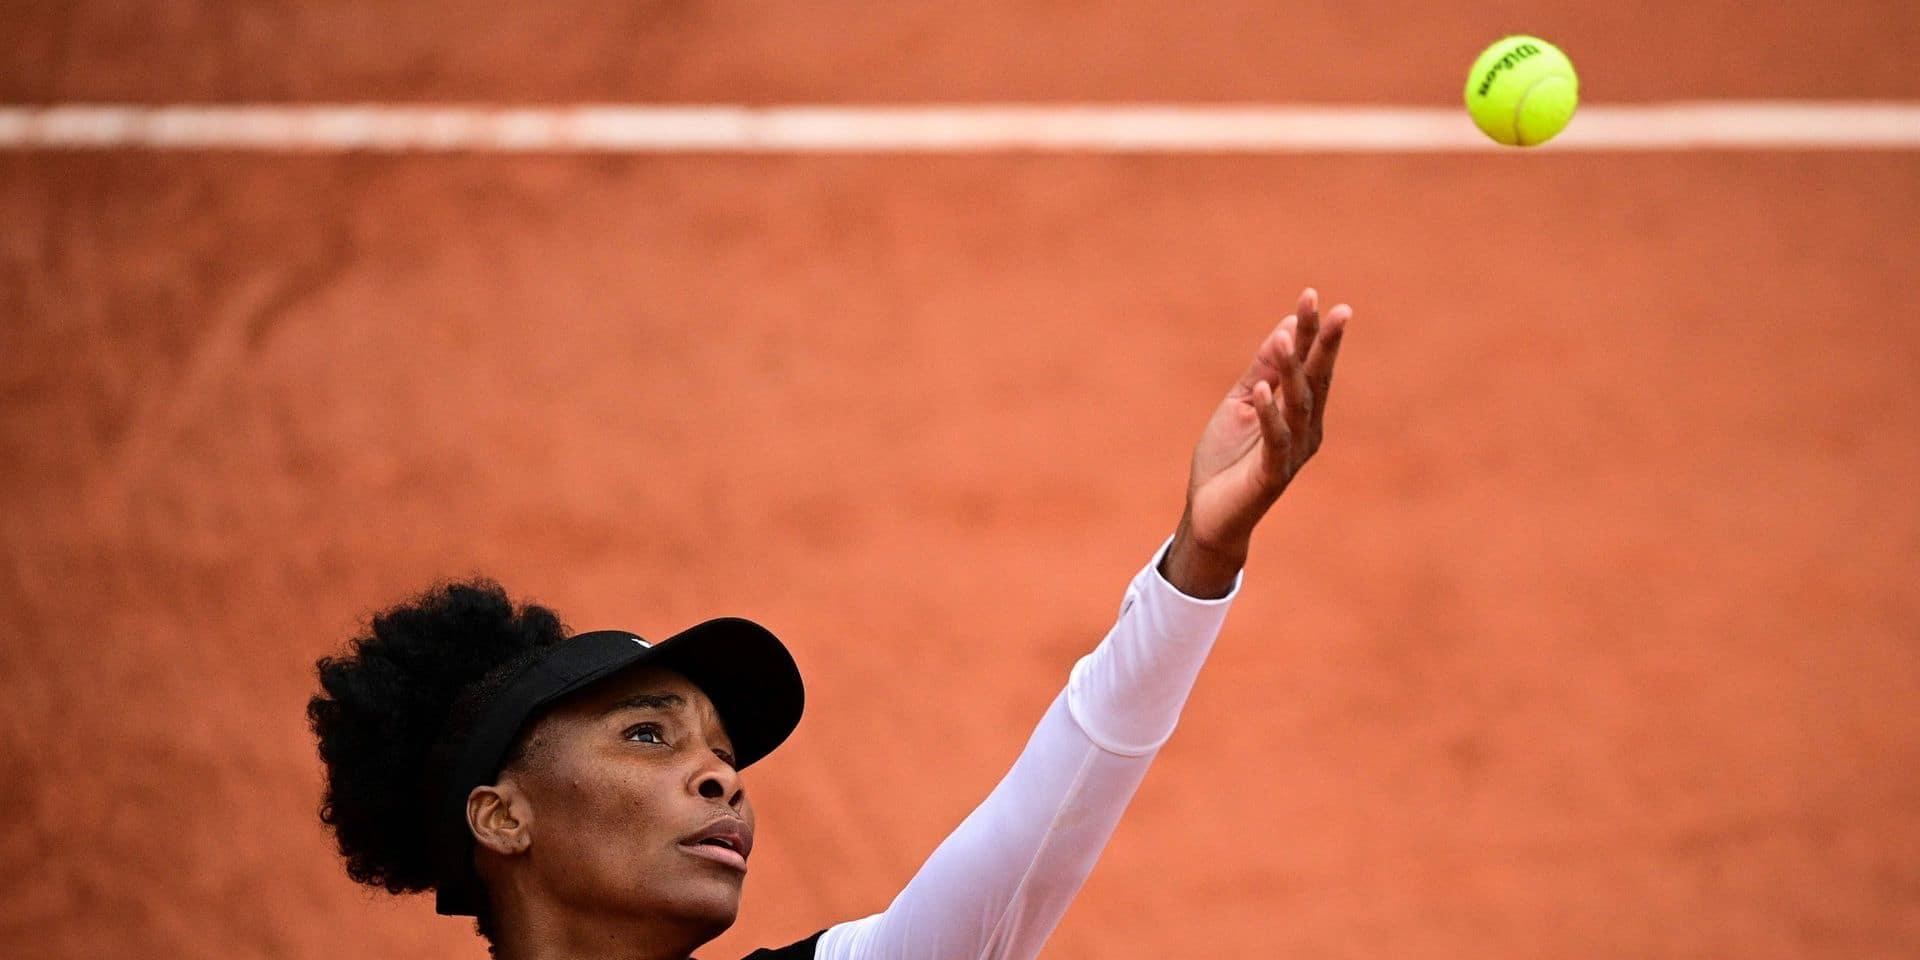 Roland-Garros: La doyenne Venus Williams éliminée d'entrée, Wawrinka facile